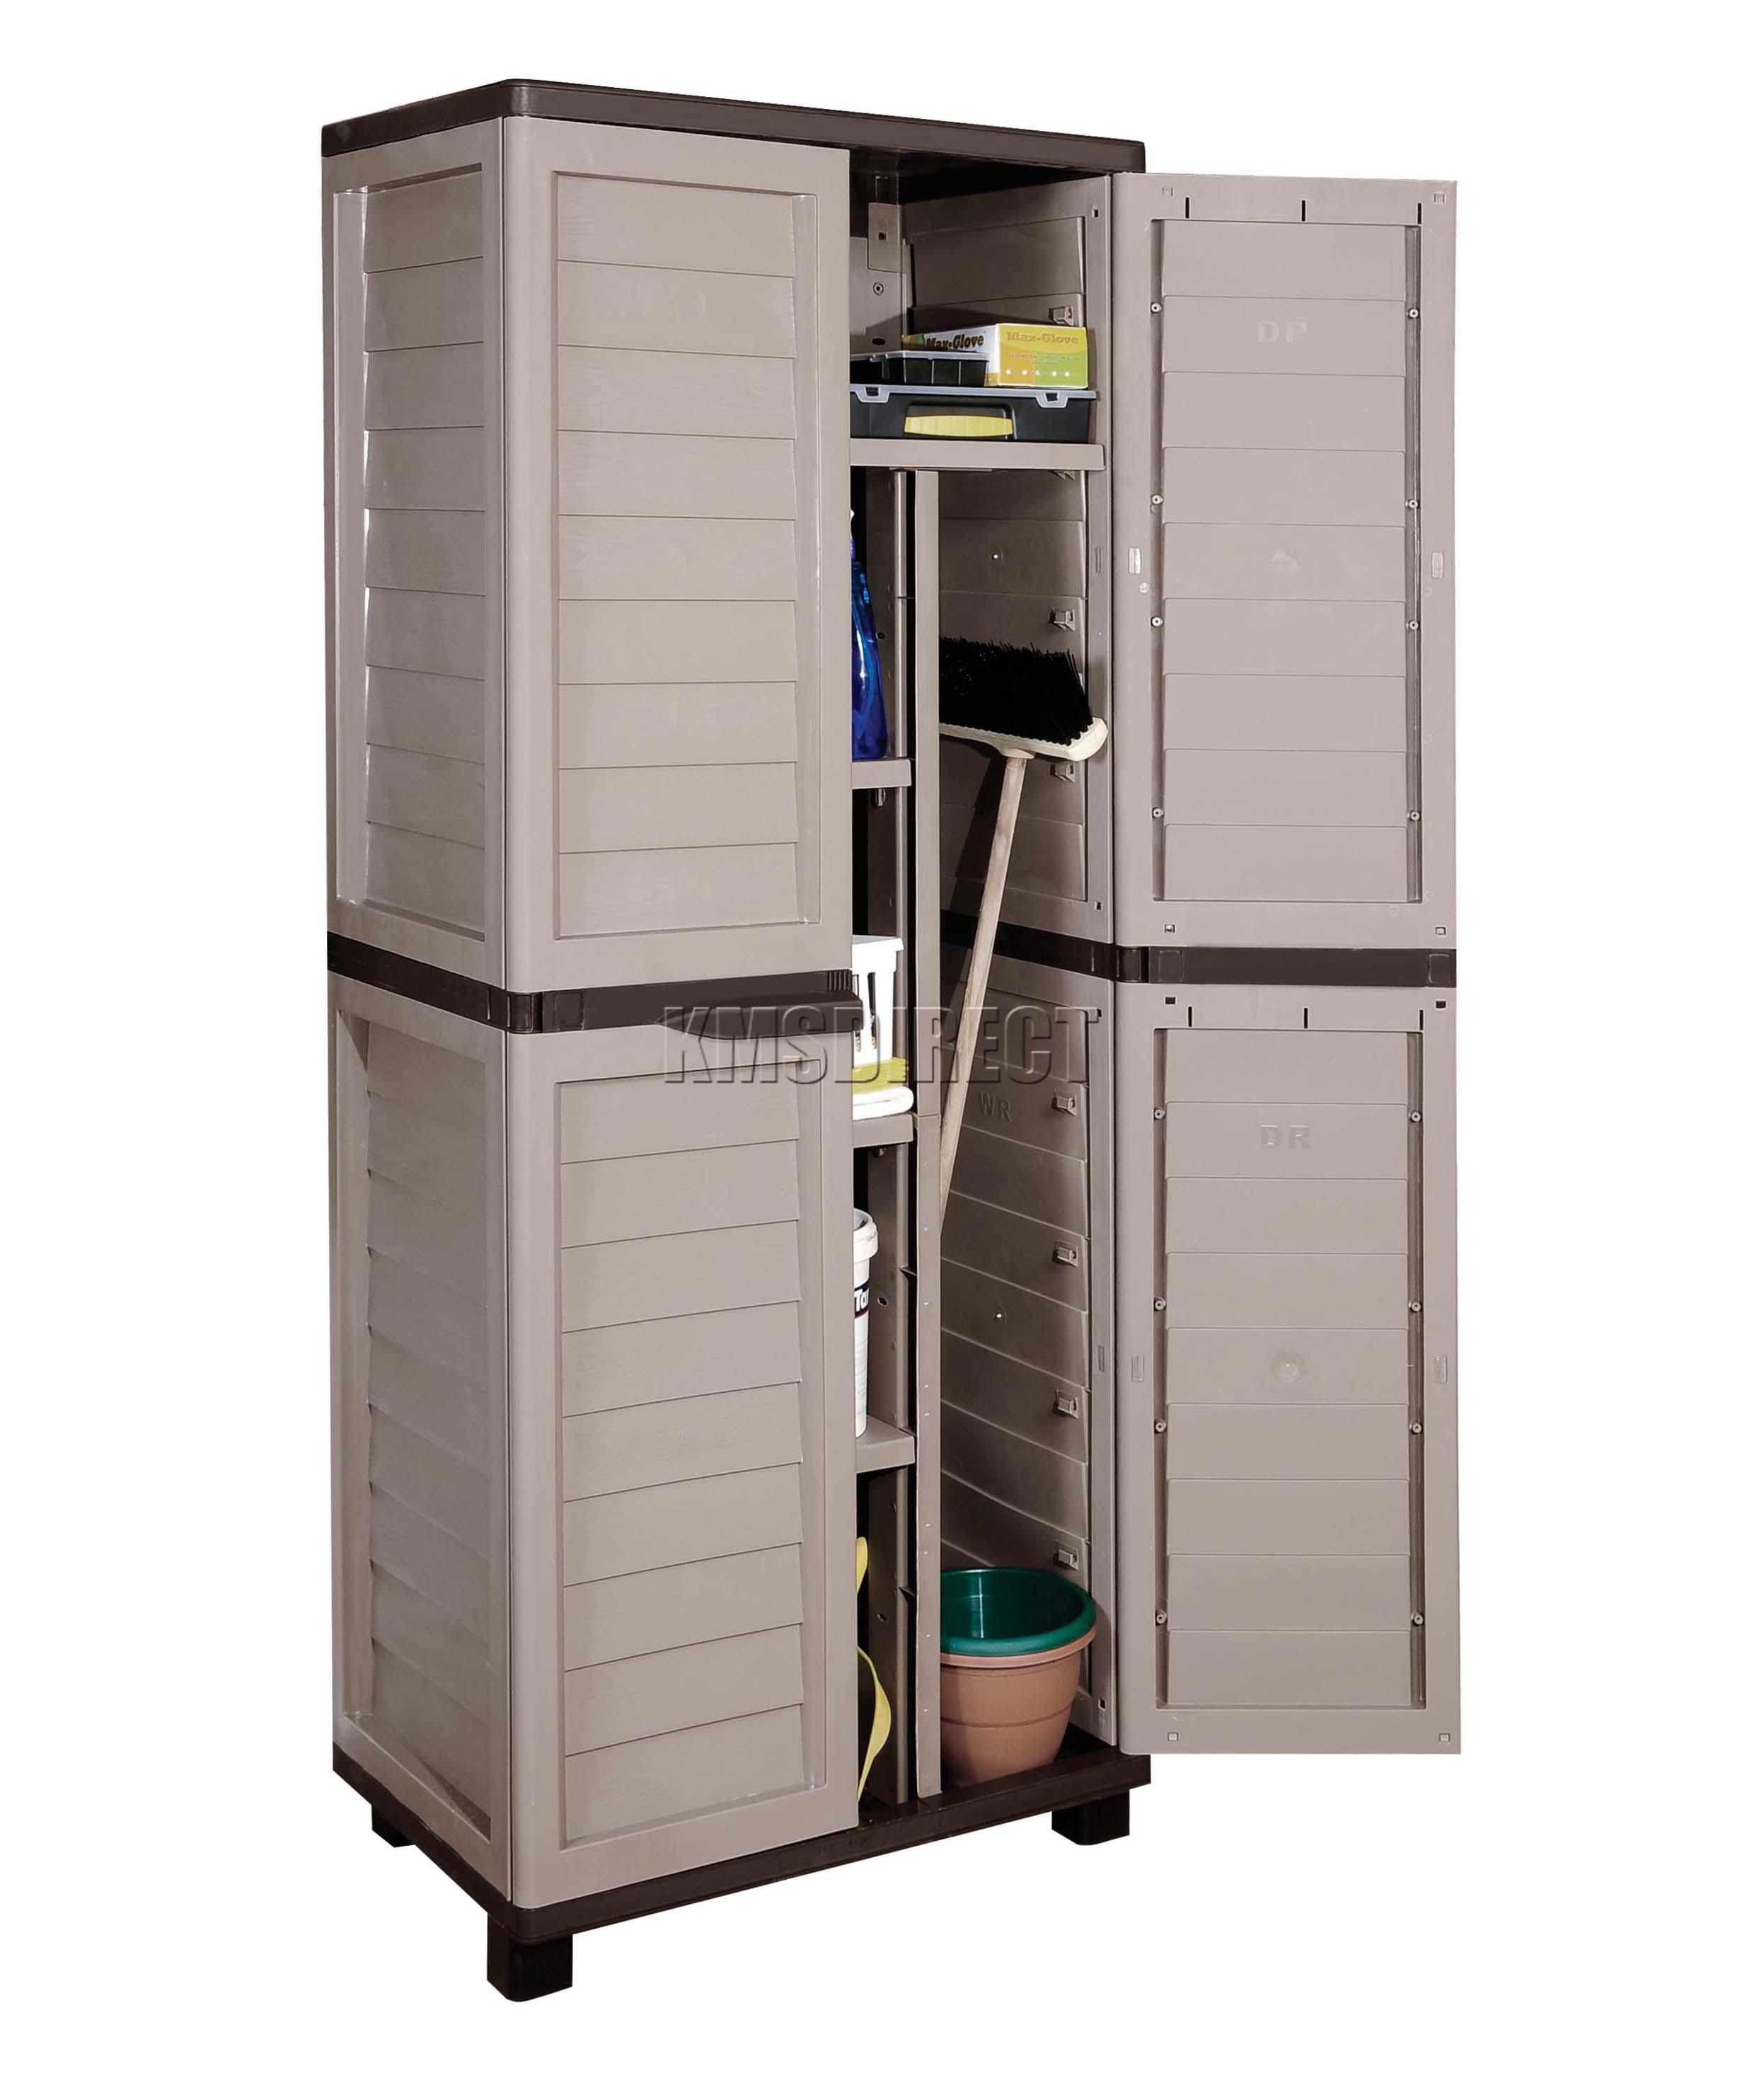 Starplast Outdoor Plastic Garden Utility Cabinet With Partition Storage Garage Ebay